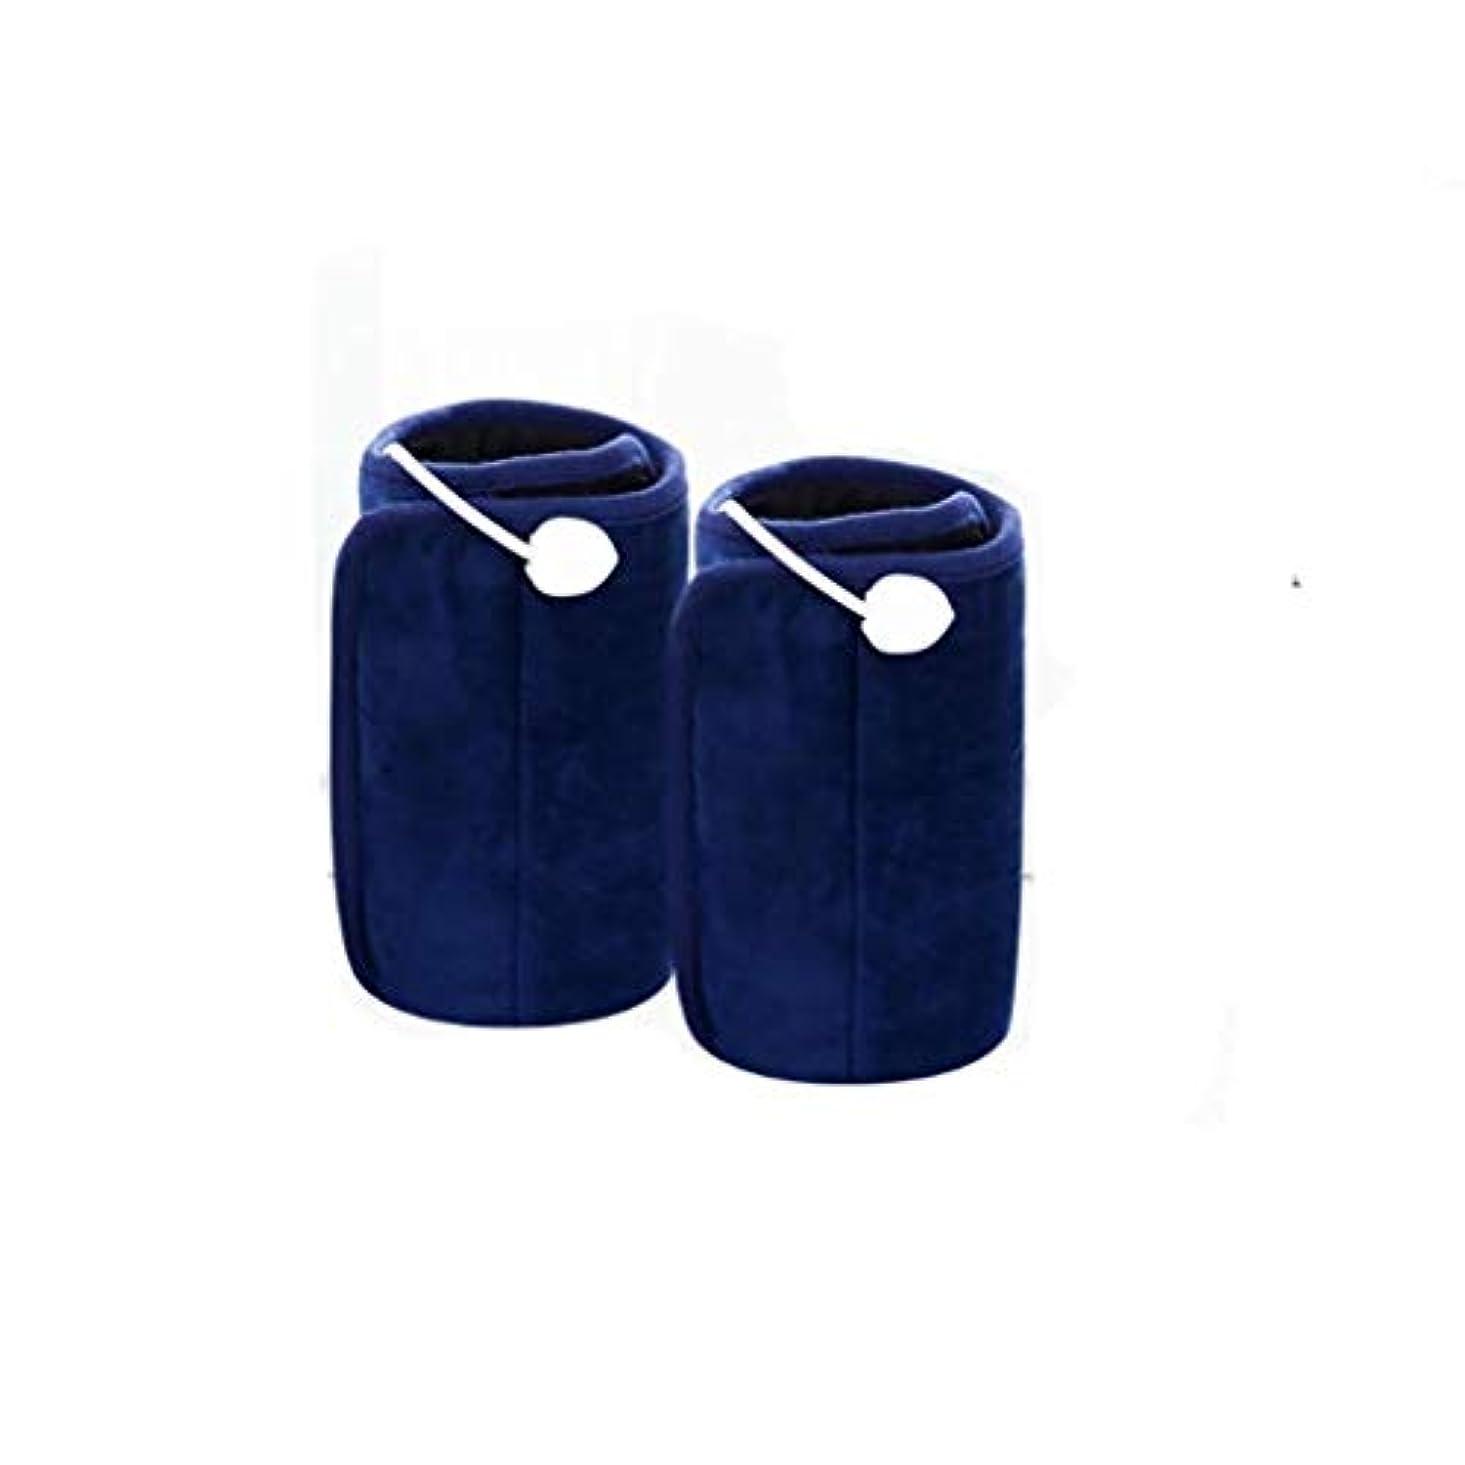 シガレット不実氷電気膝パッド、温かい古い膝、携帯式膝加熱、360°oxi温かい家庭用スマート温度調整